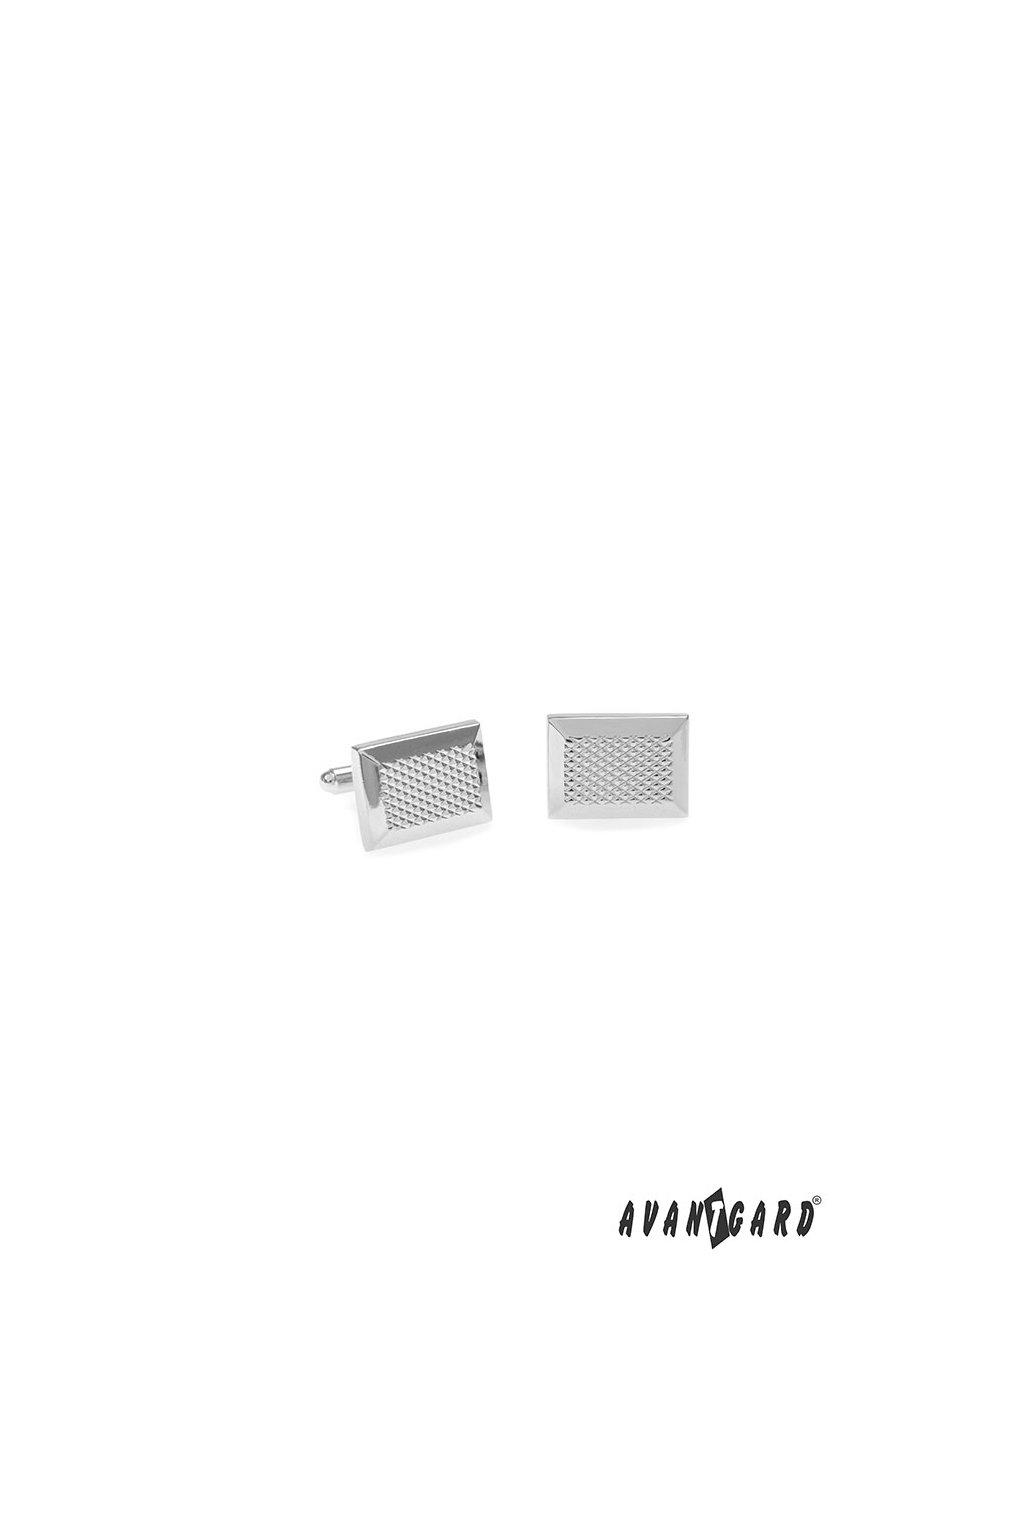 Manžetové knoflíčky PREMIUM, 573-20664, Stříbrná lesk